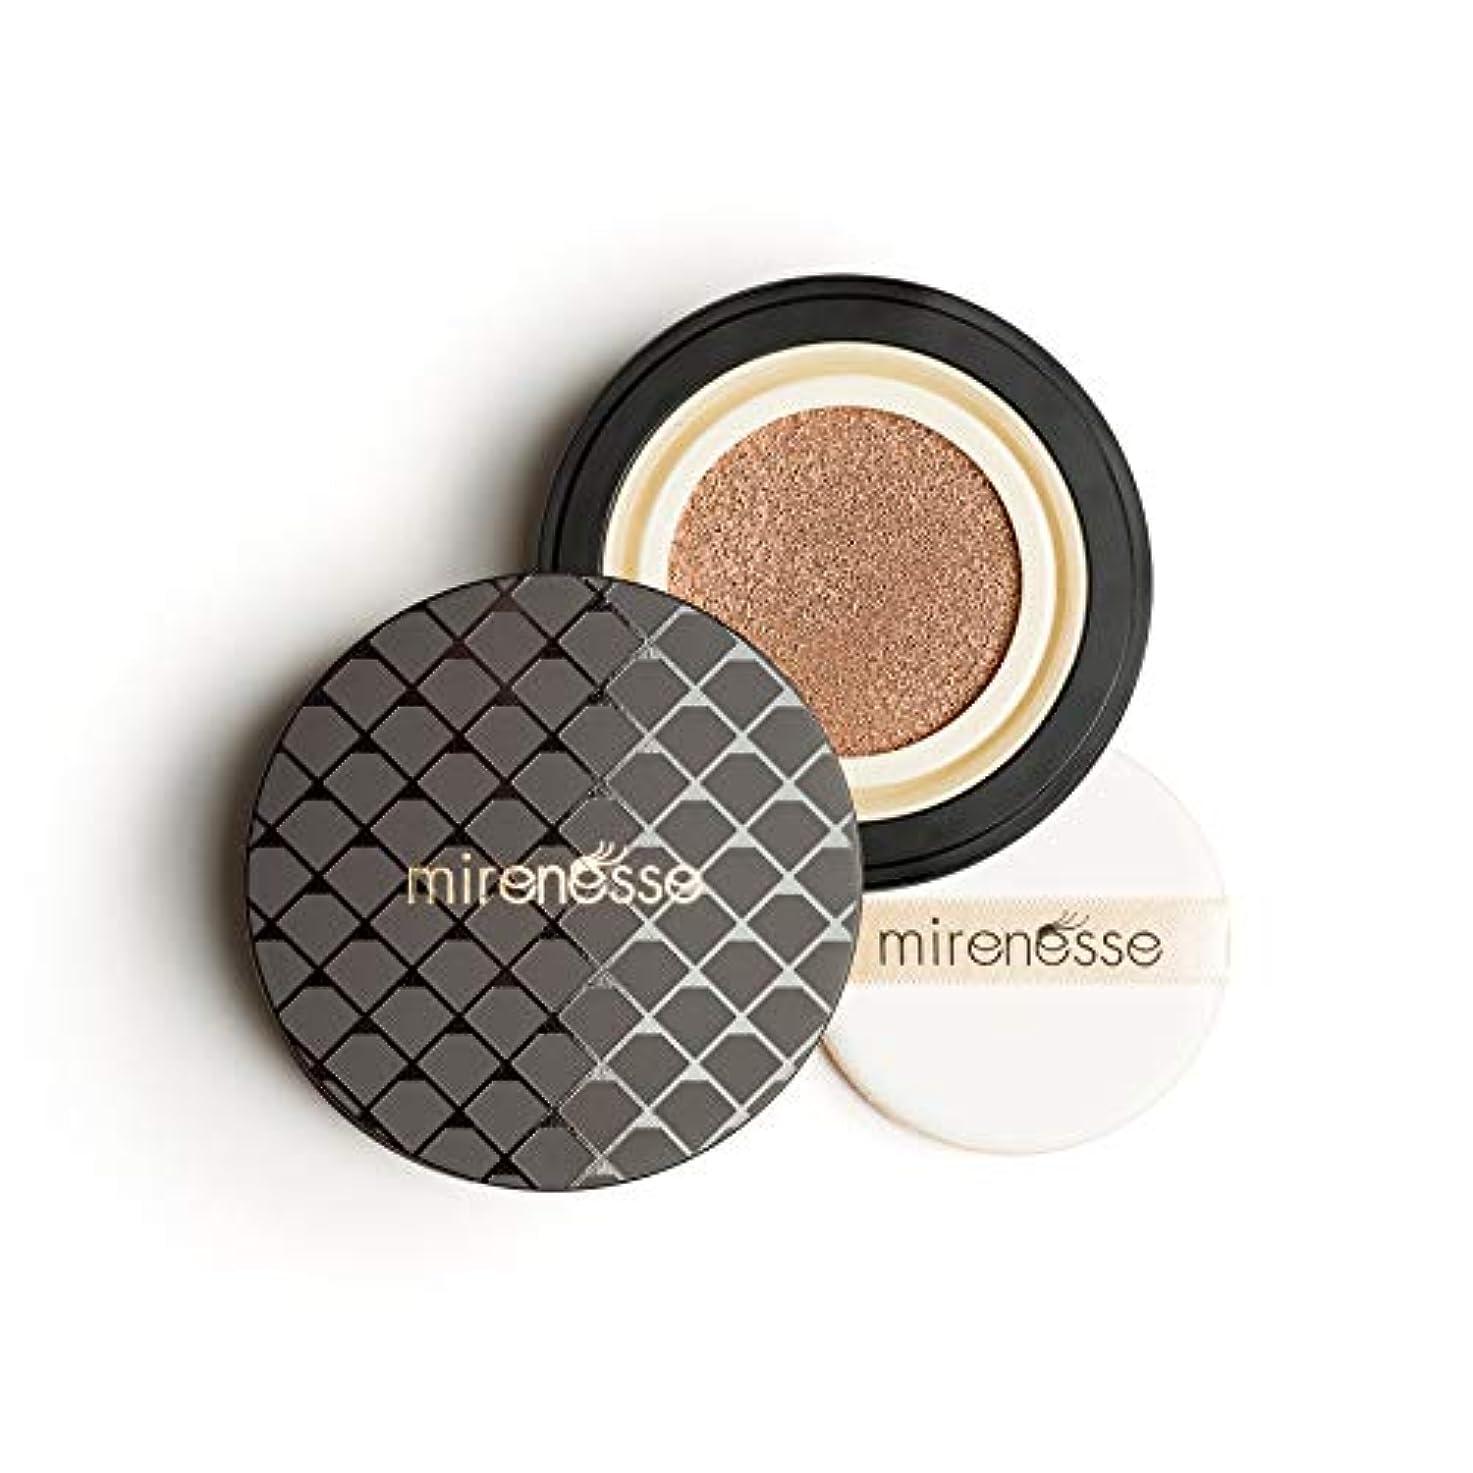 ダイヤモンド支配する銀行Mirenesse Cosmetics 10 Collagen Cushion Foundation Compact Airbrush Liquid Powder SPF25 PA++ 15g/0.52oz - Shade...